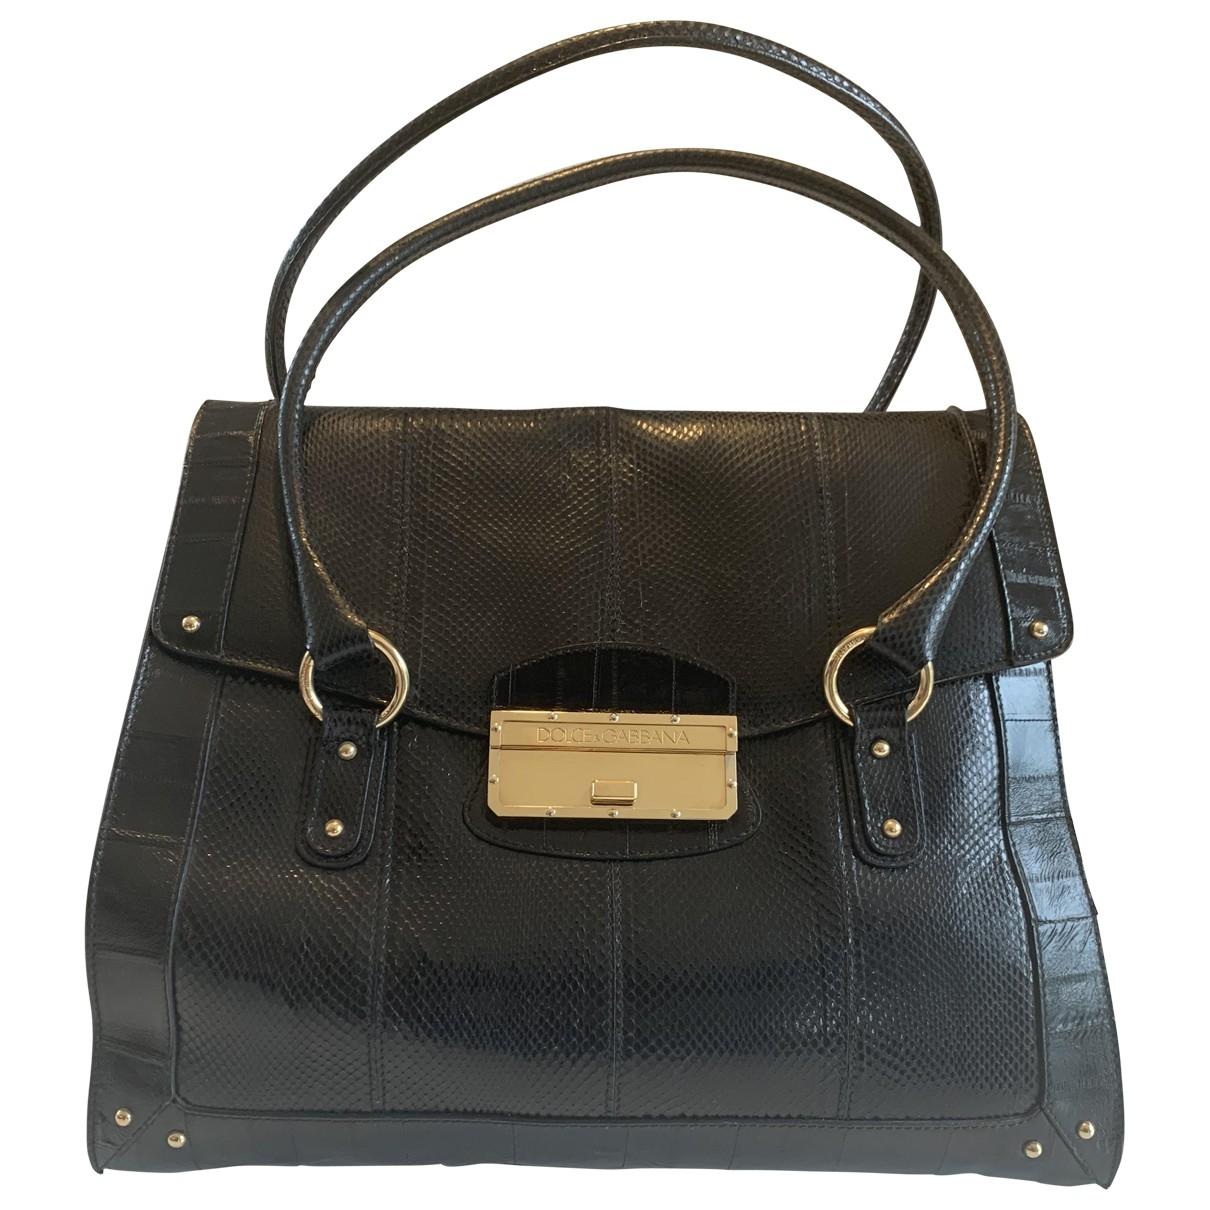 Dolce & Gabbana \N Handtasche in  Schwarz Python